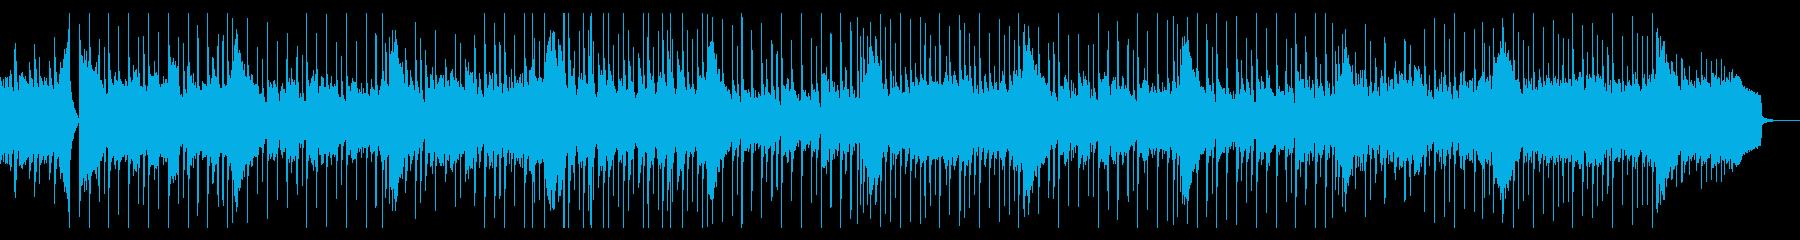 優しくもの悲しい雰囲気のBGMの再生済みの波形